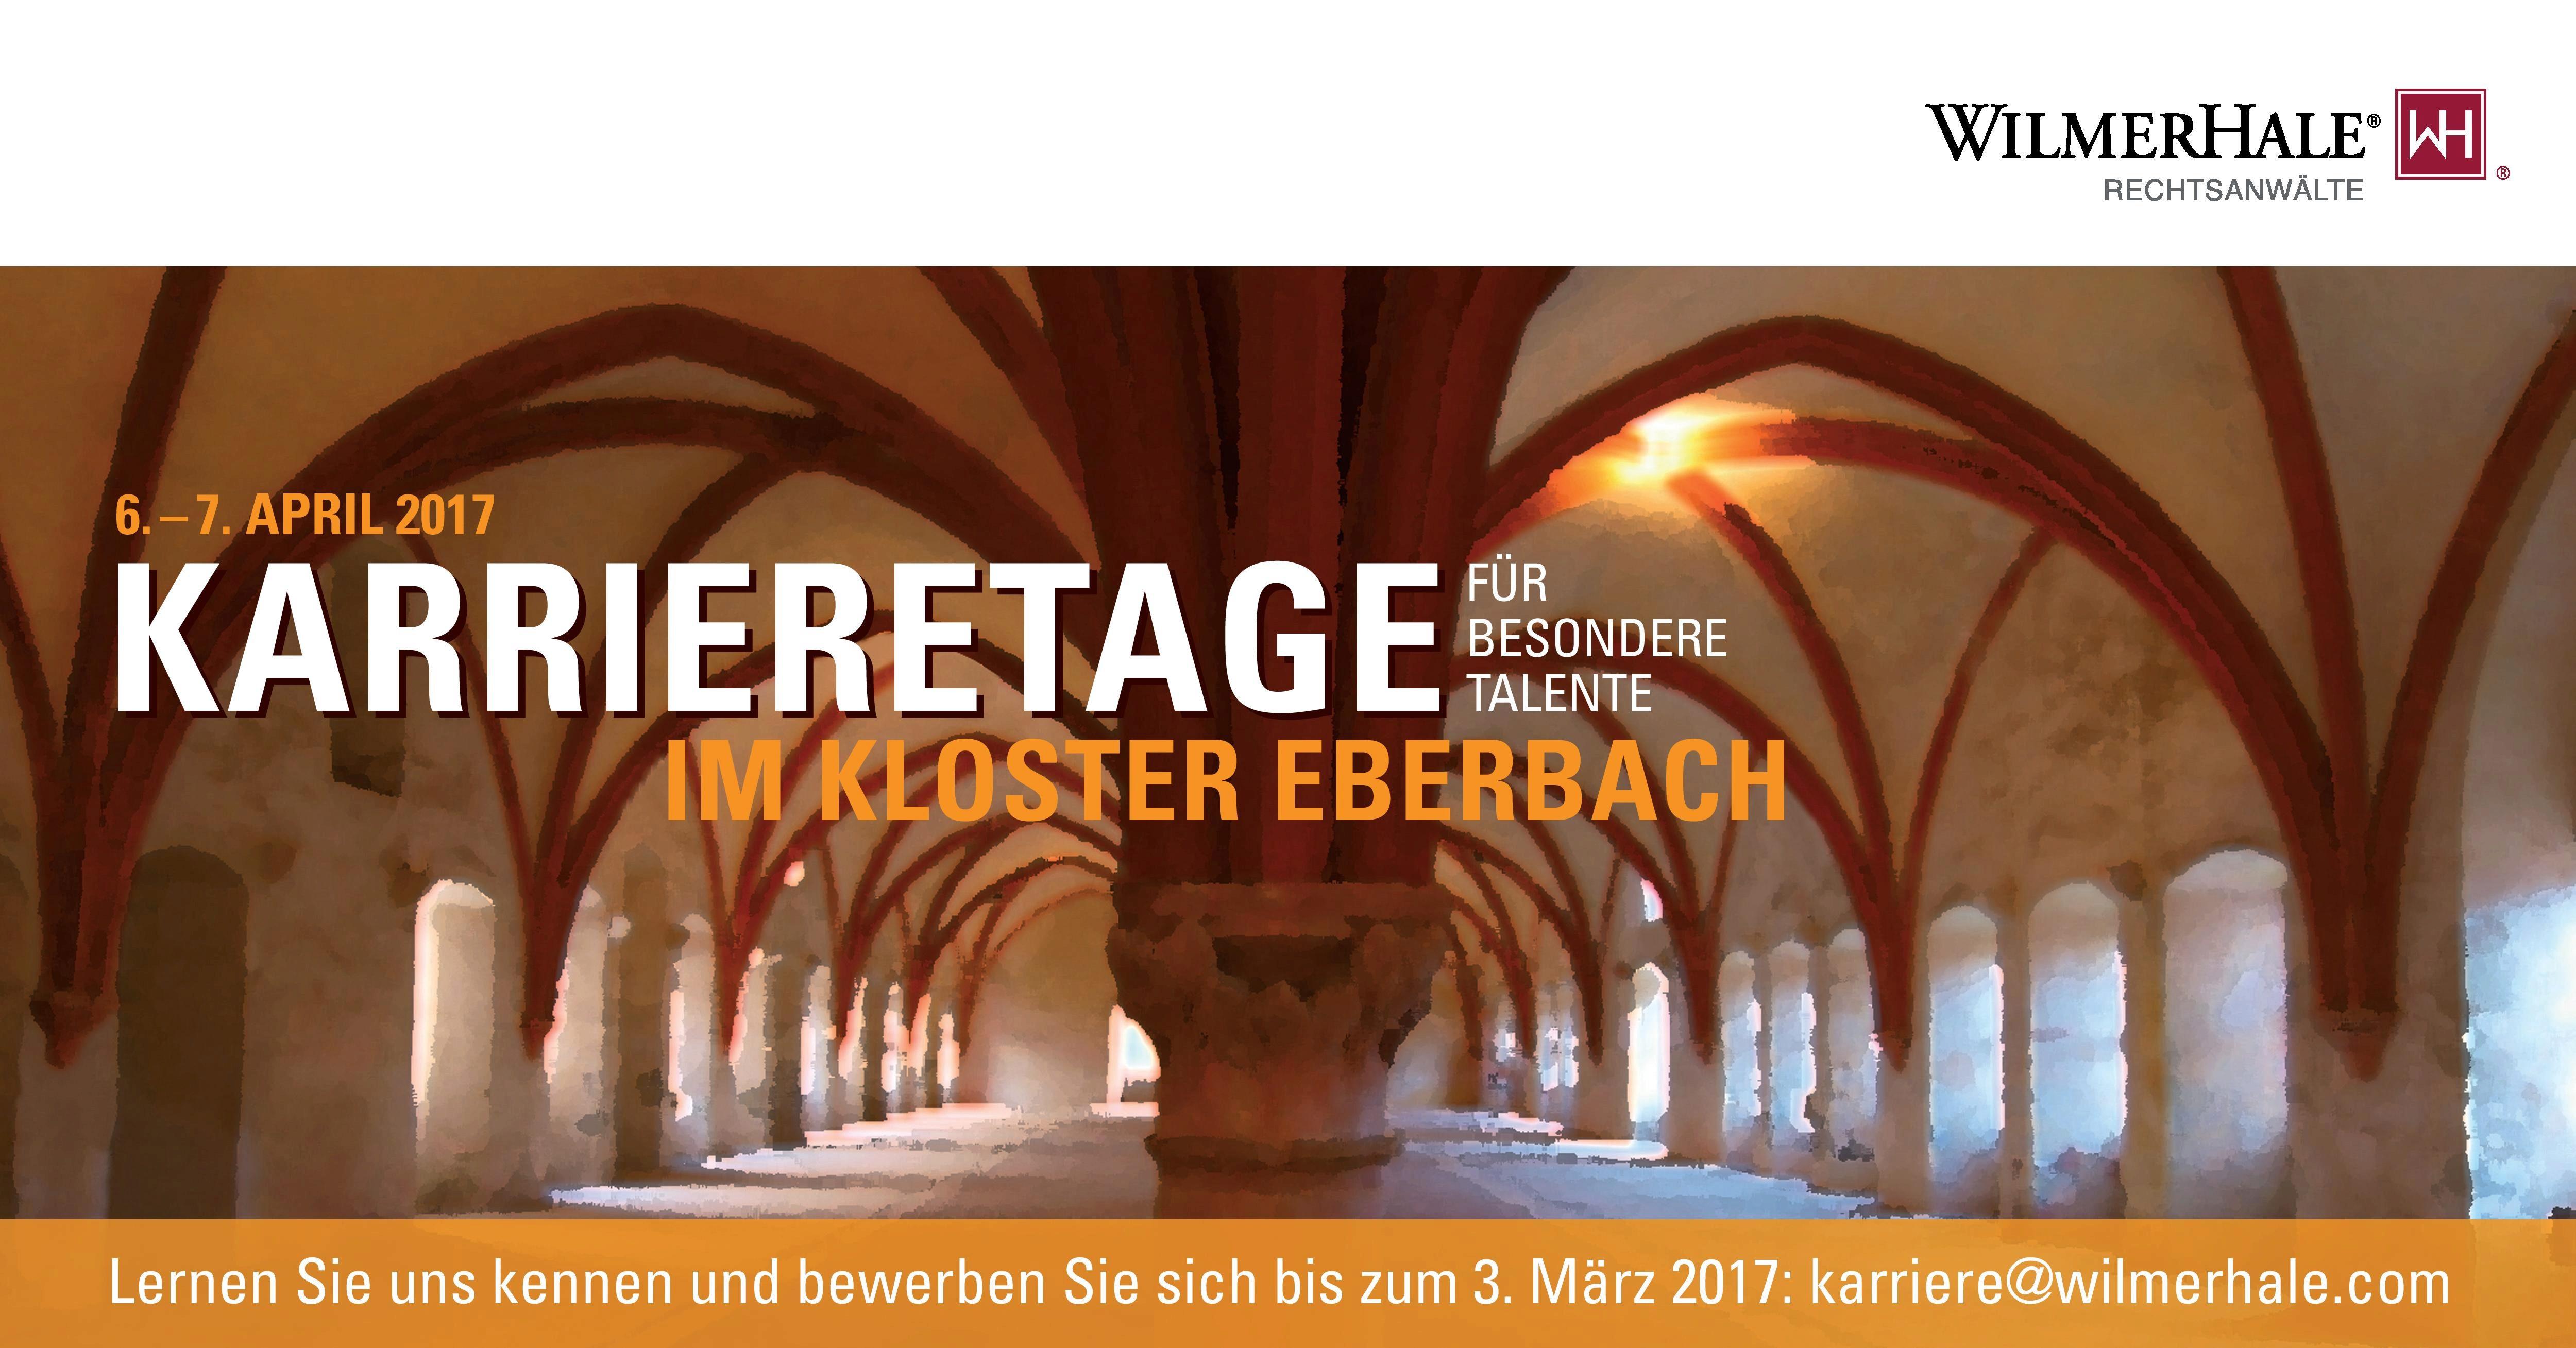 Karrieretage im Kloster Eberbach